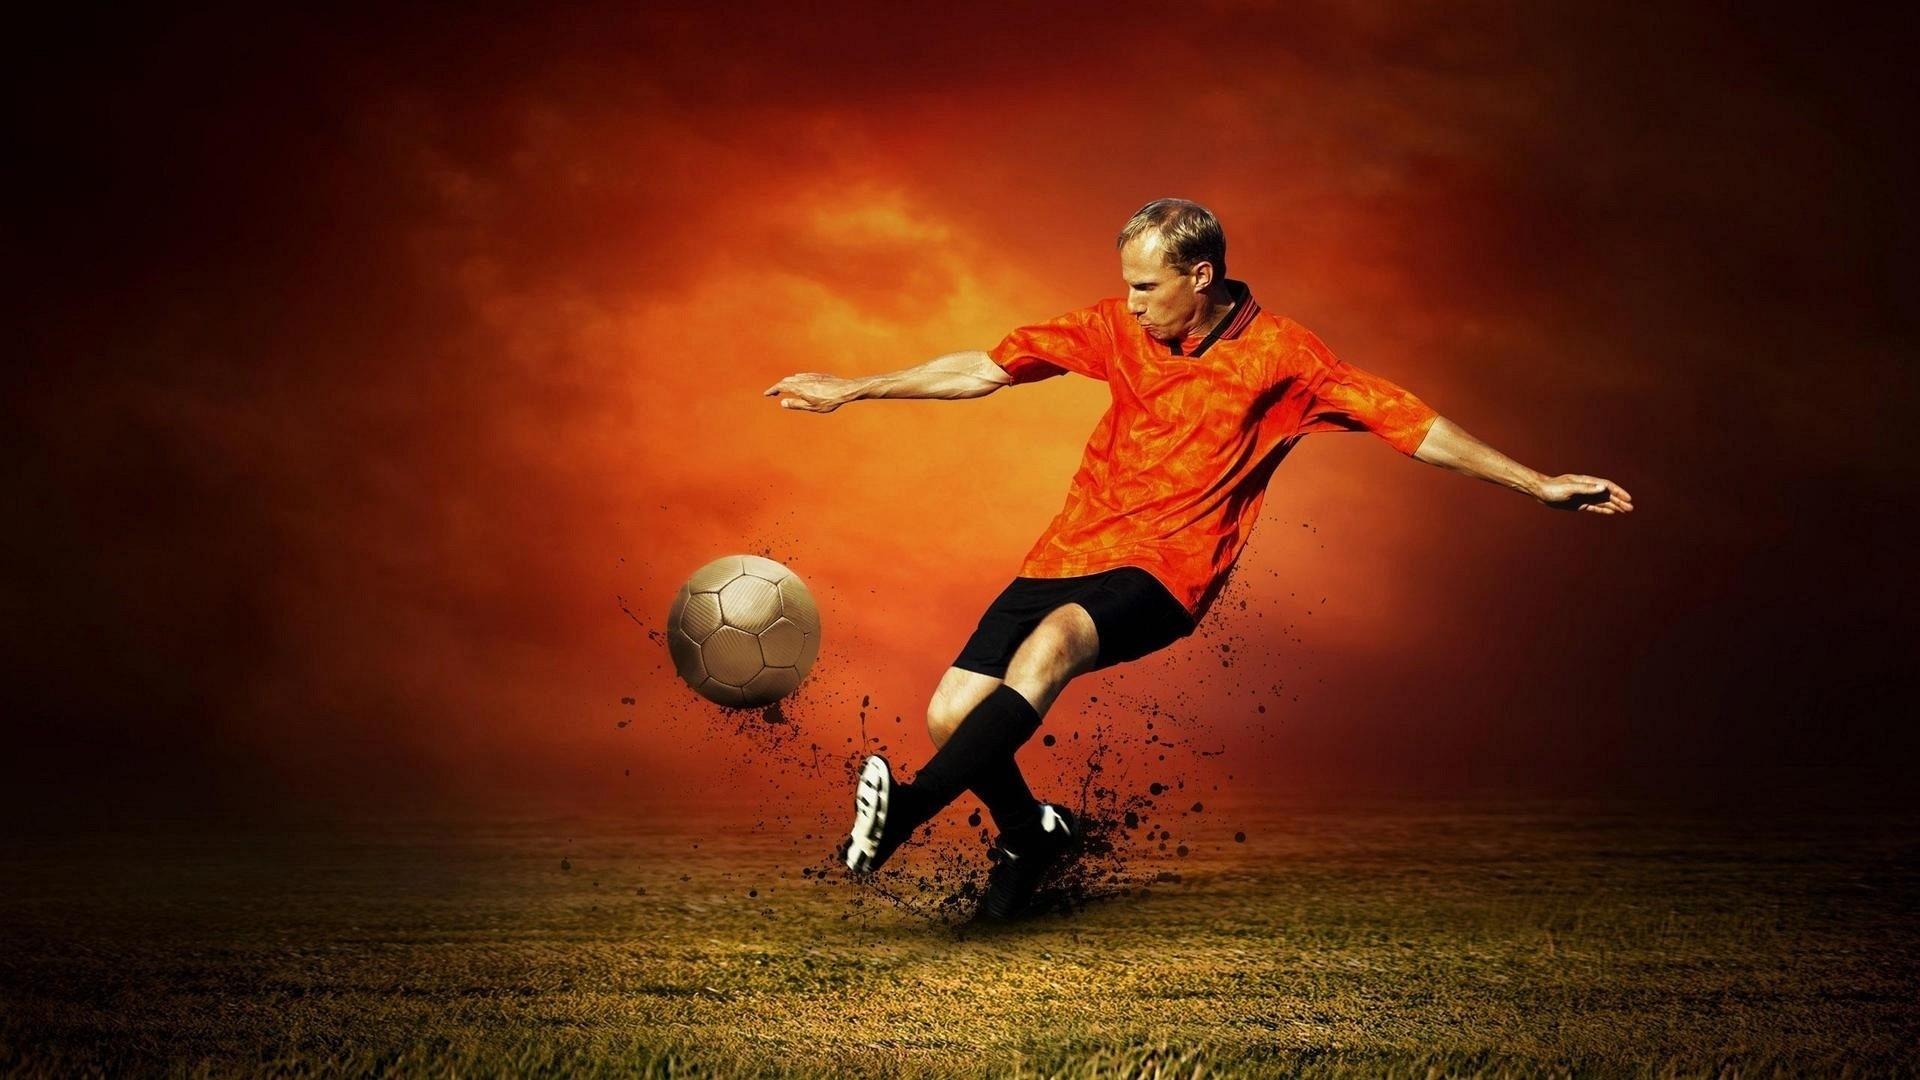 calcio on